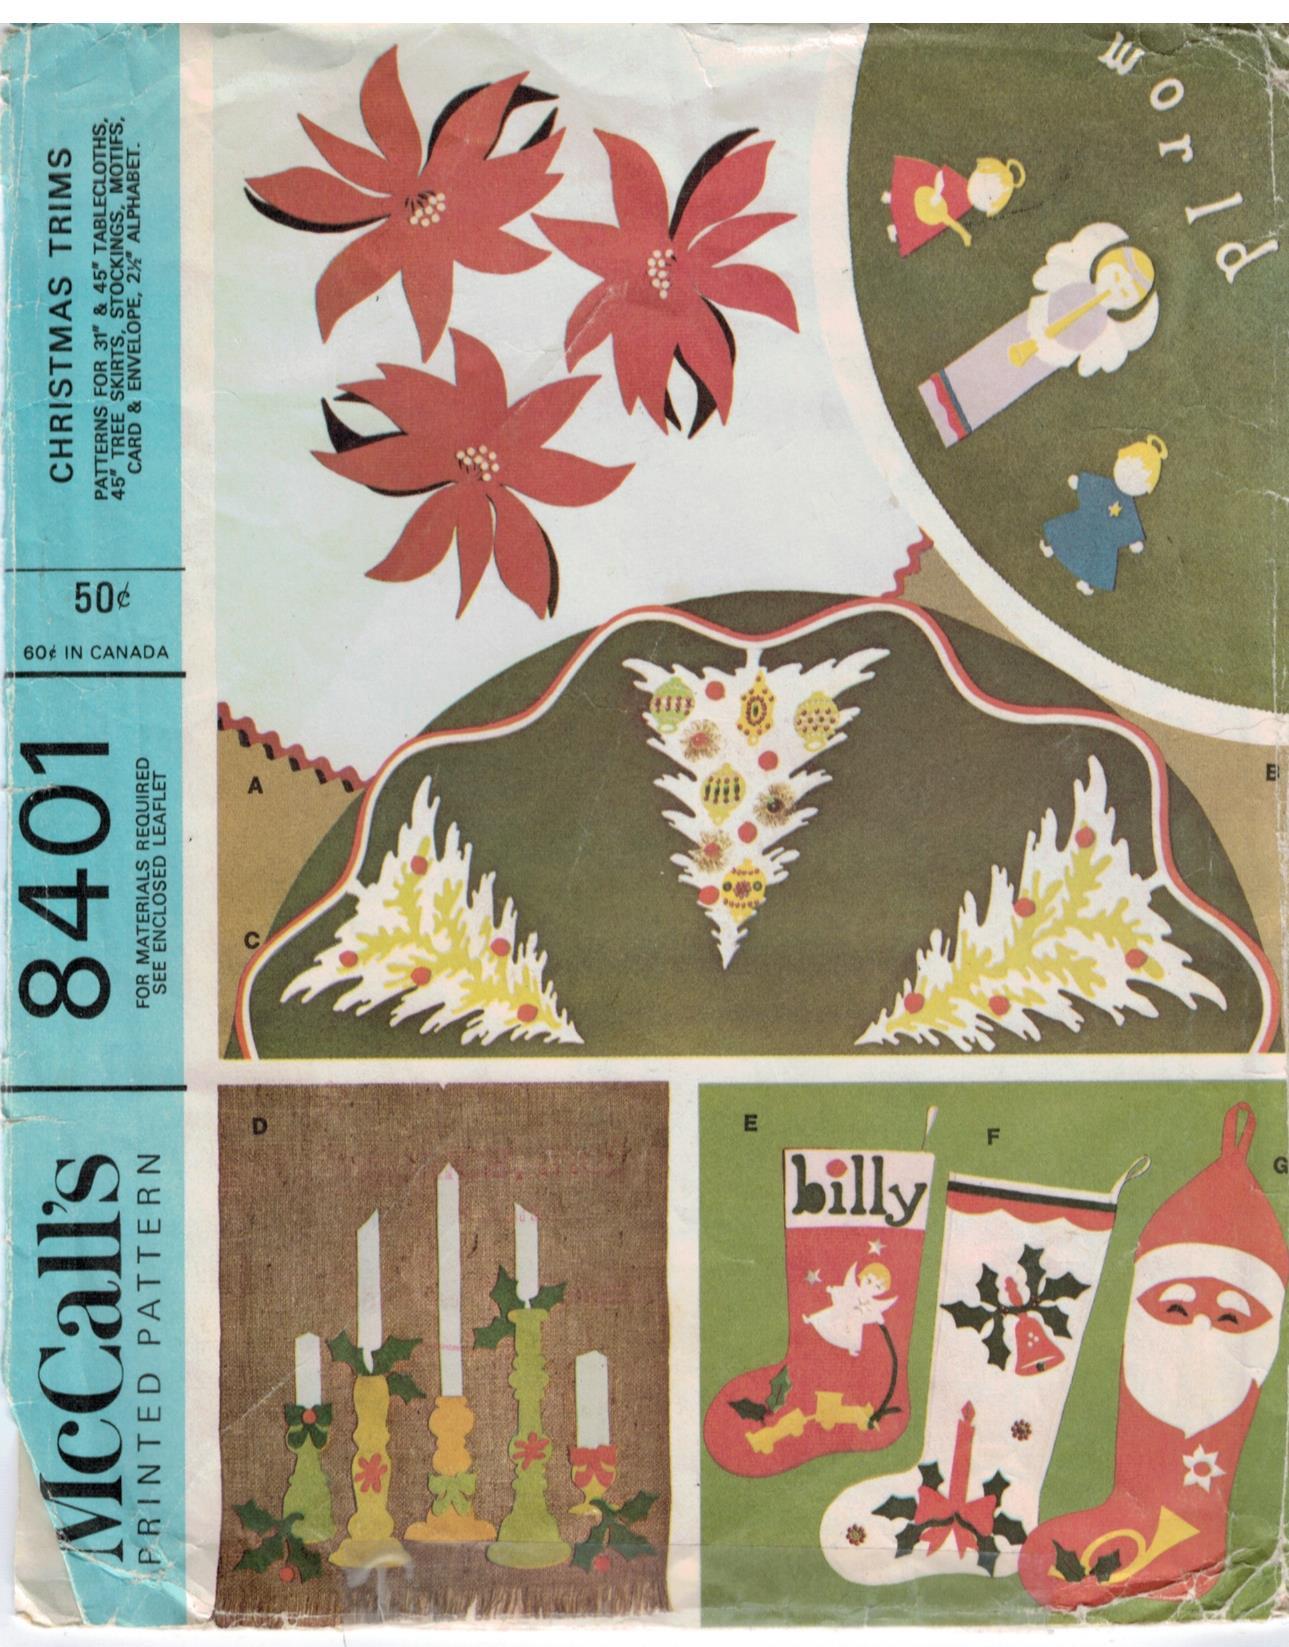 Christmas Stocking Kits To Make